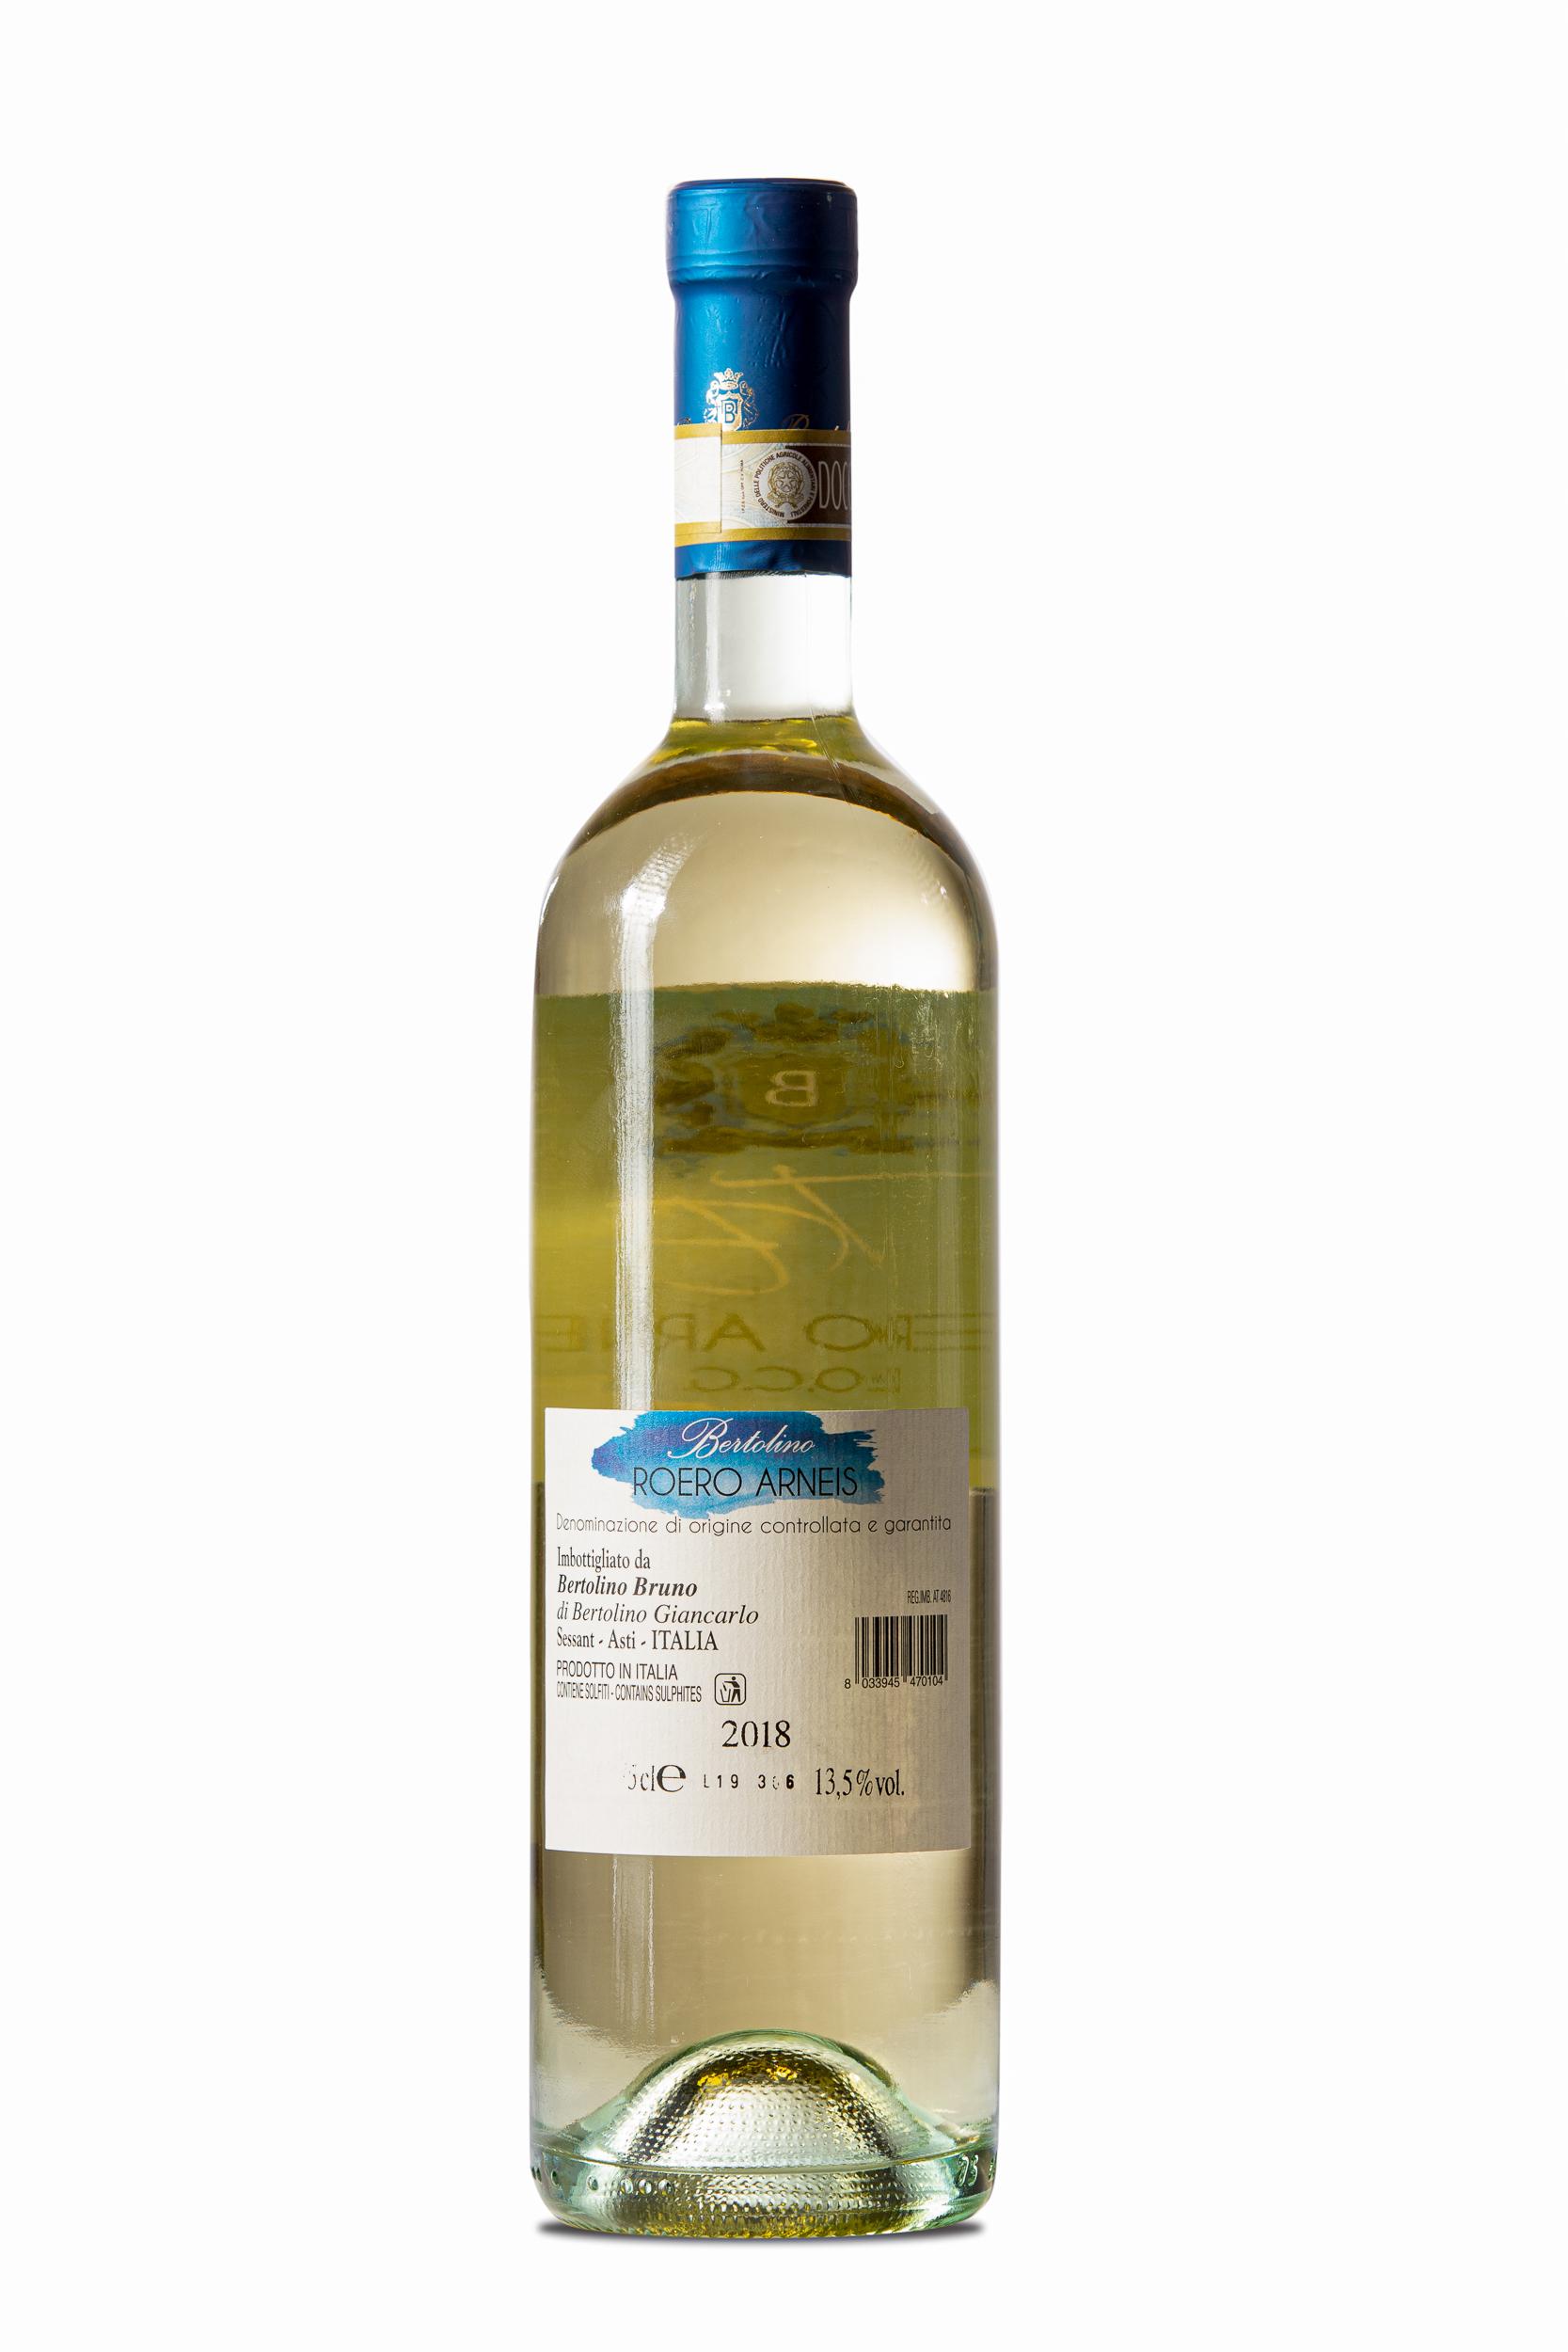 Roero-Arneis-bertolino-2